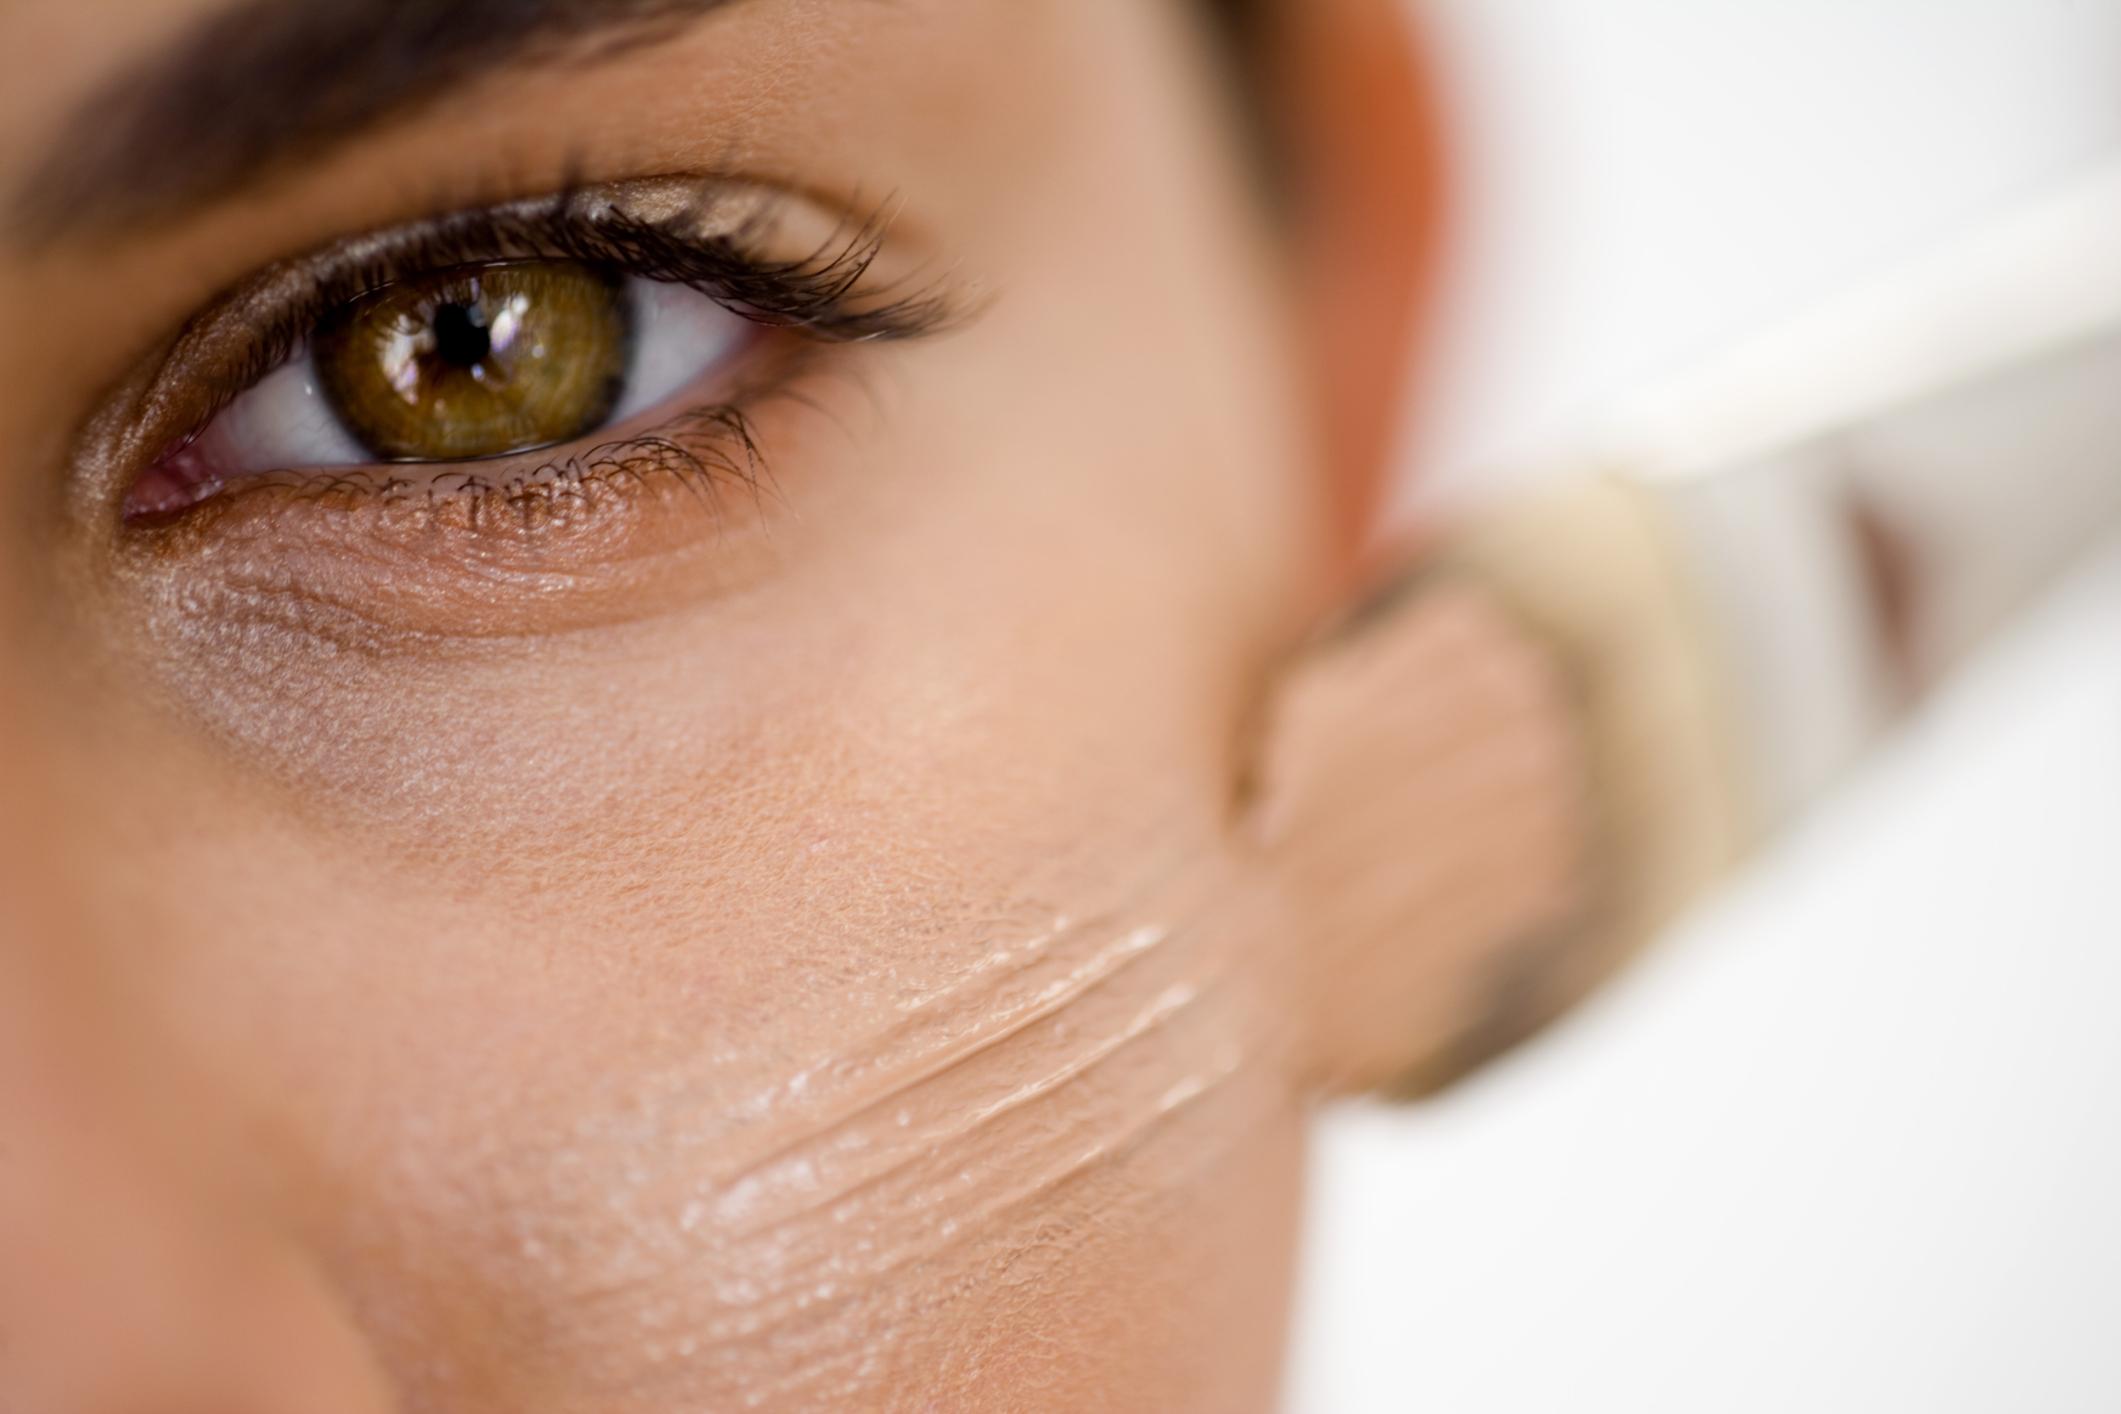 cde7cb7784 Probar el maquillaje en el sitio indicado para saber el tono, usar  iluminadores en crema y limpiar e hidratar bien la zona son algunos trucos  para obtener ...